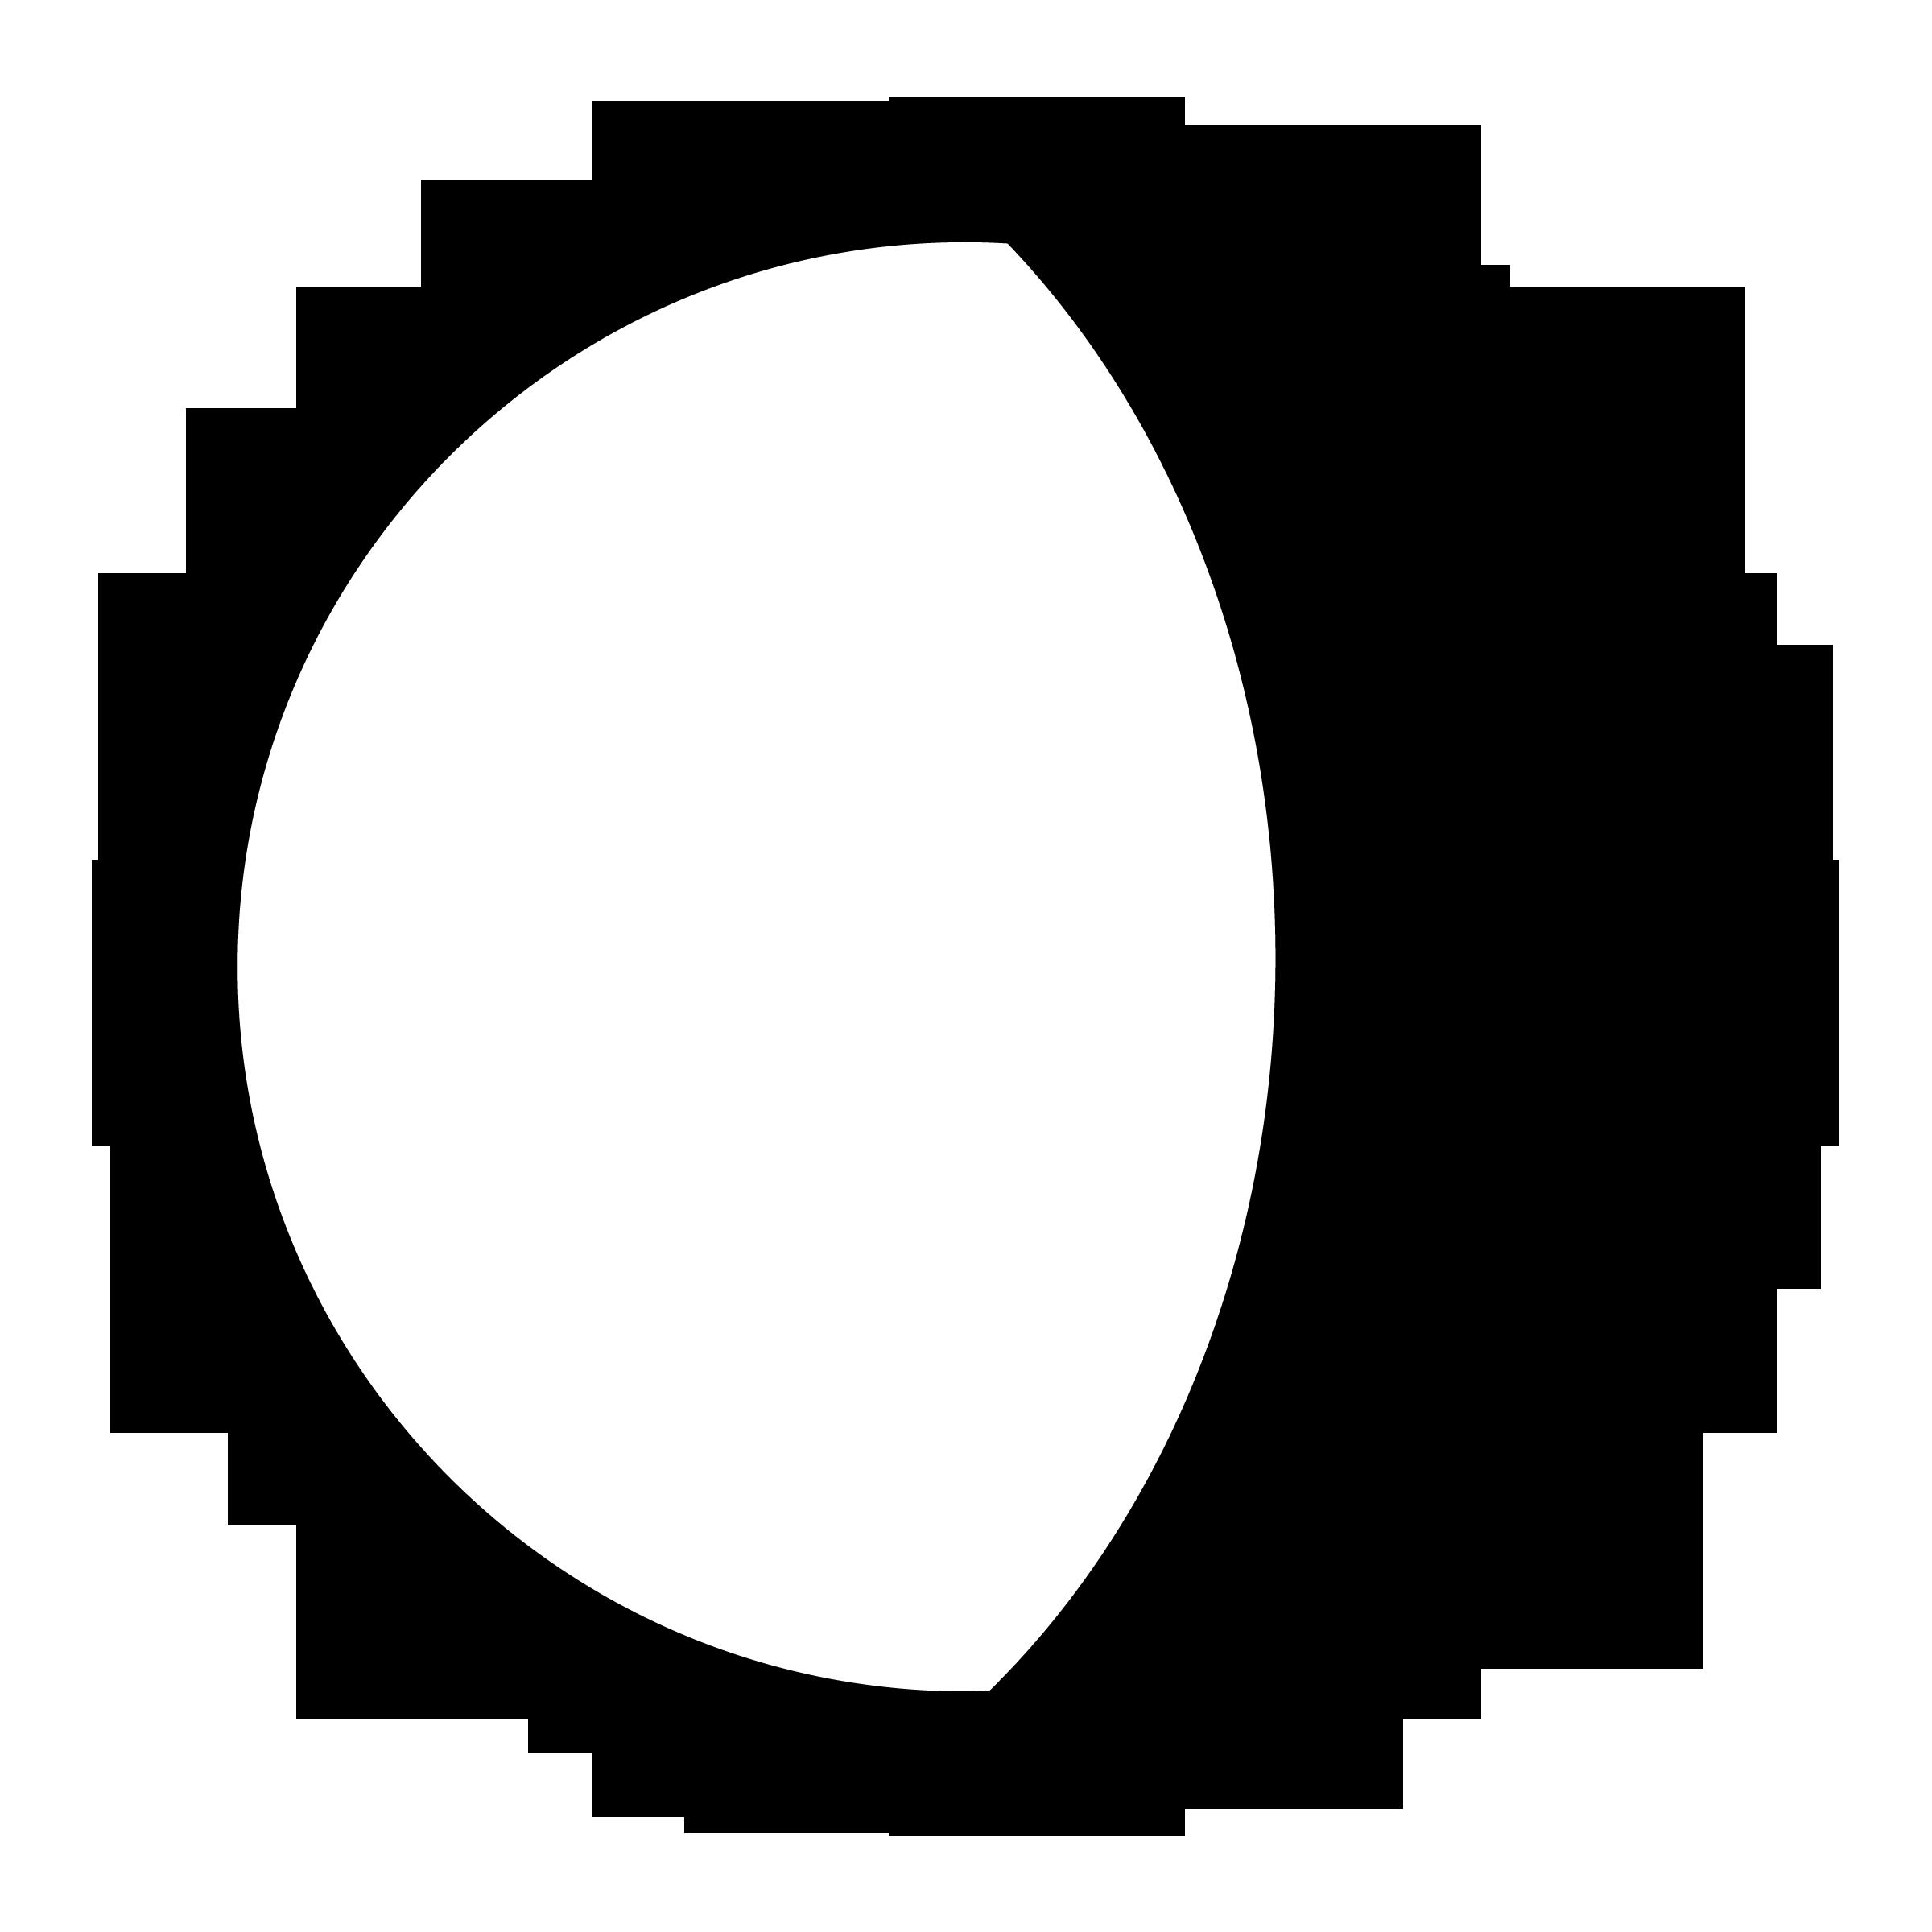 Fase lunare: Luna gibbosa crescente